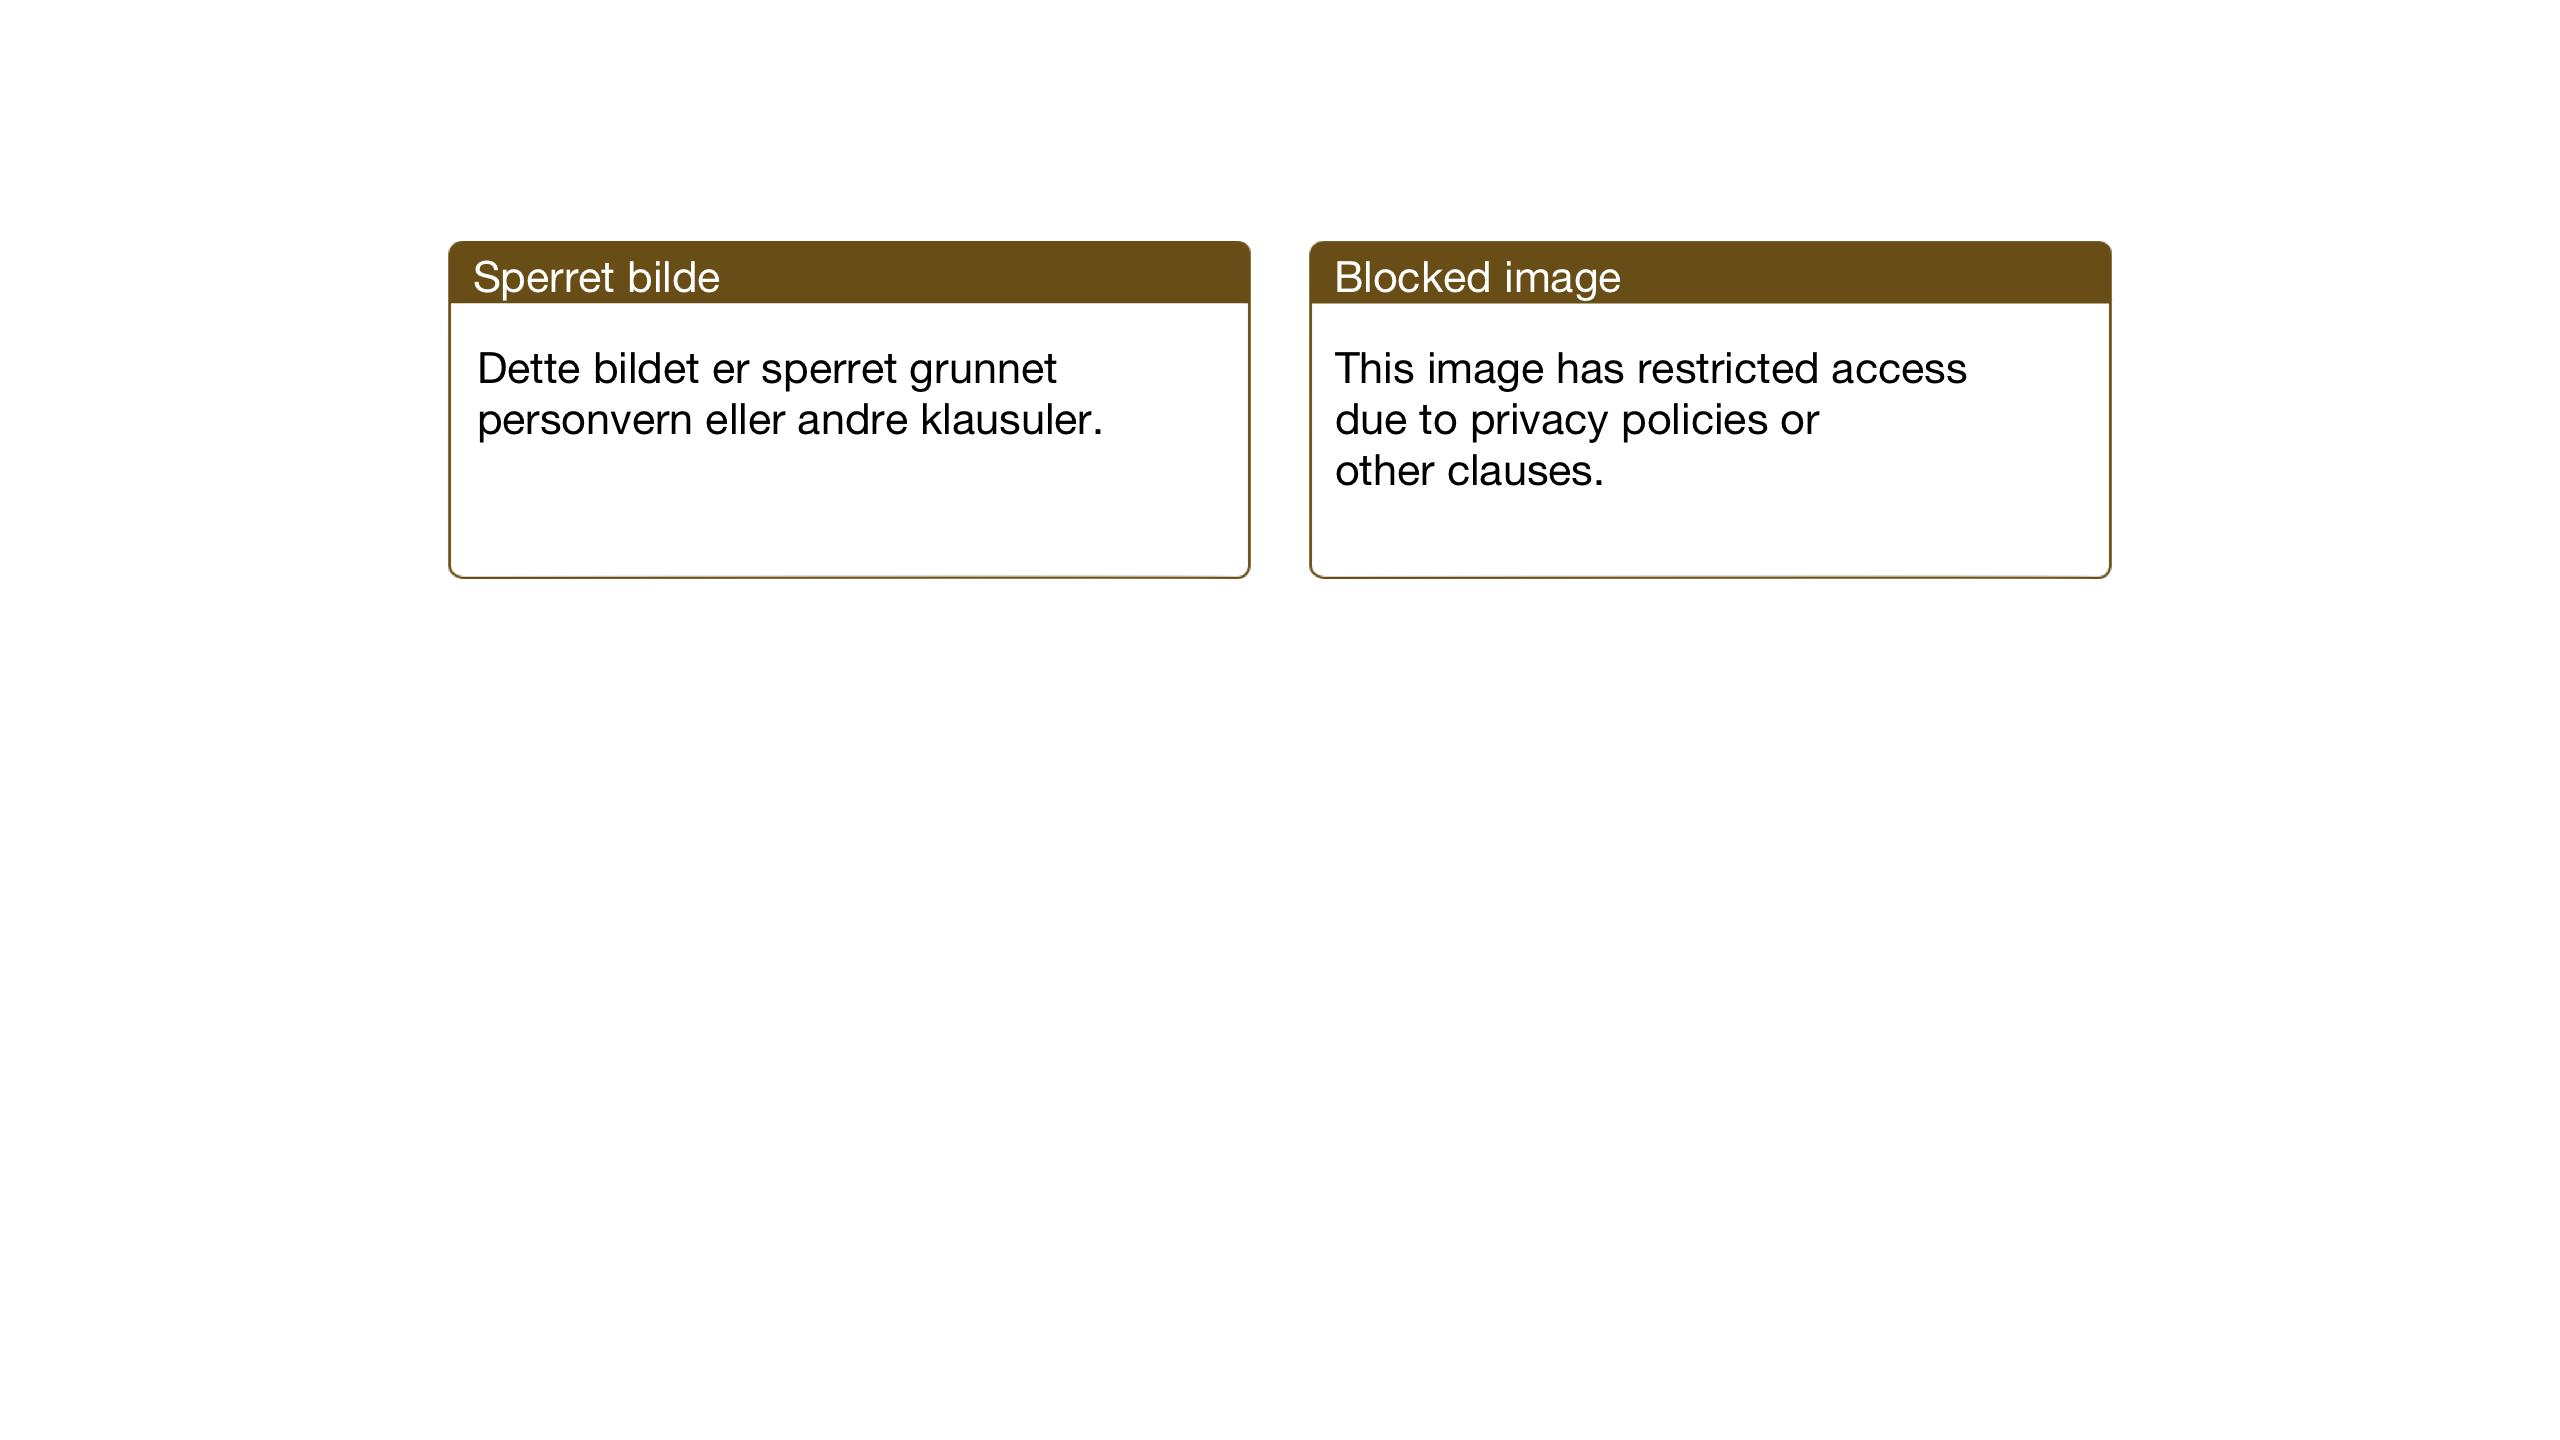 SAT, Ministerialprotokoller, klokkerbøker og fødselsregistre - Nord-Trøndelag, 714/L0136: Klokkerbok nr. 714C05, 1918-1957, s. 54